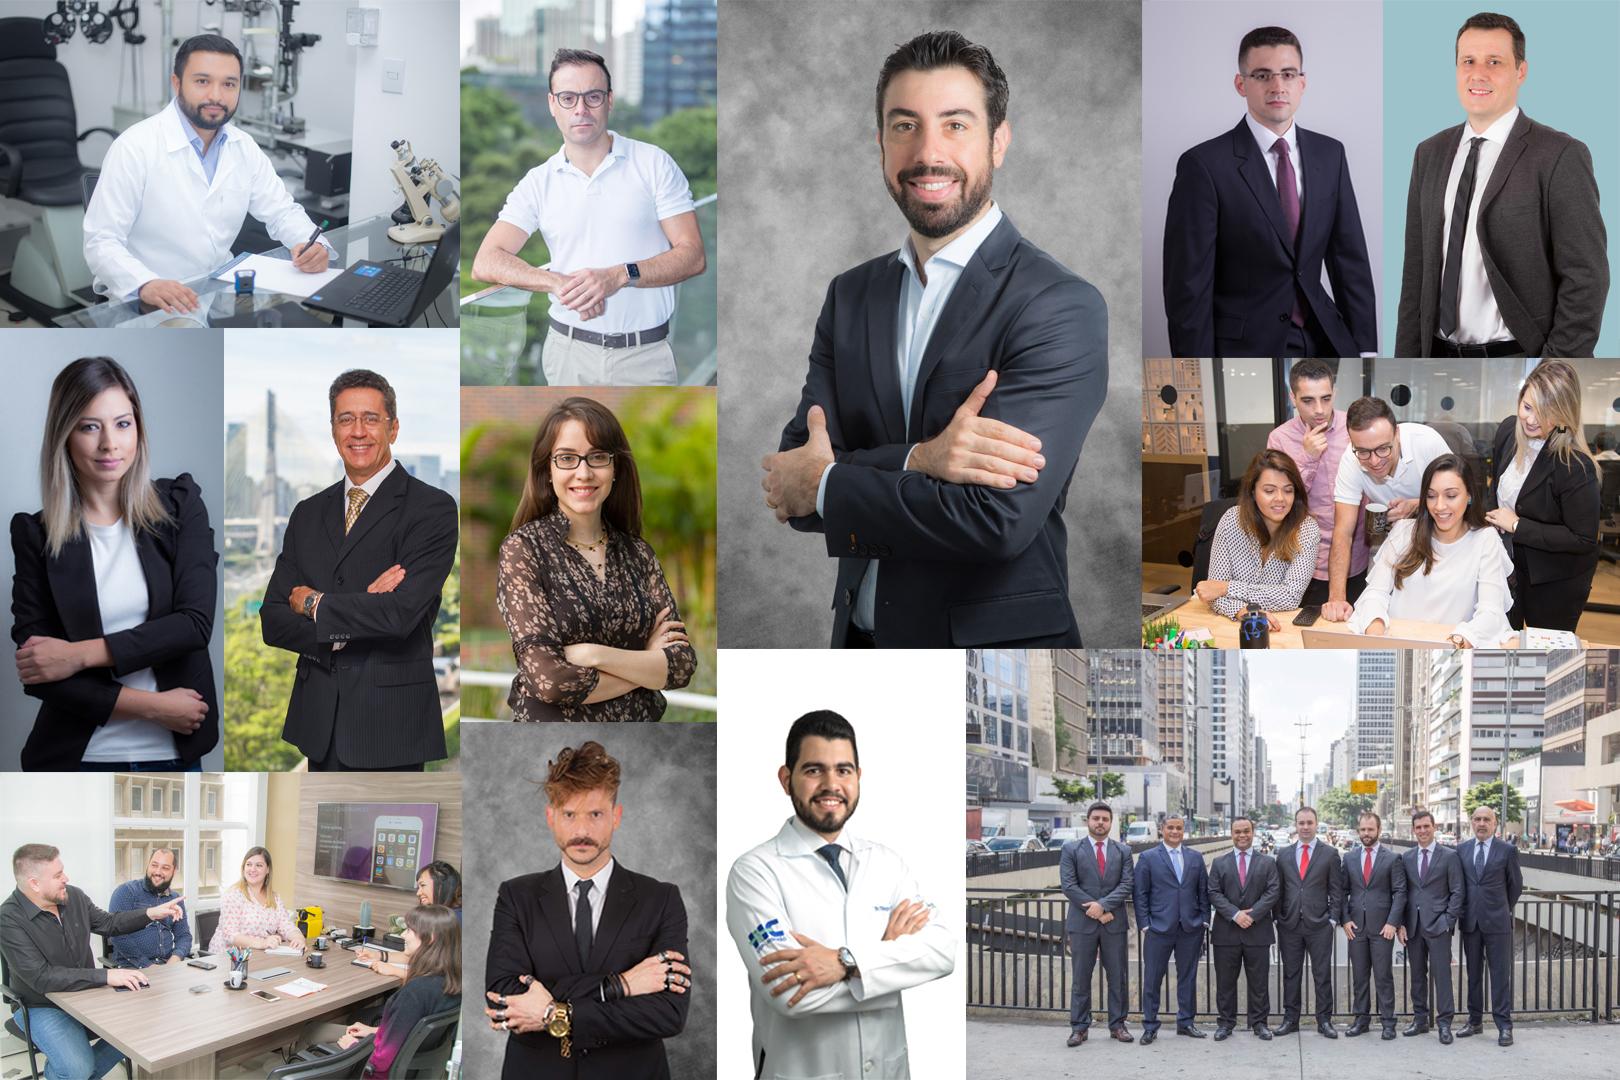 Montagem de várias produções de retratos corporativos realizados pela Risnic Fotografia